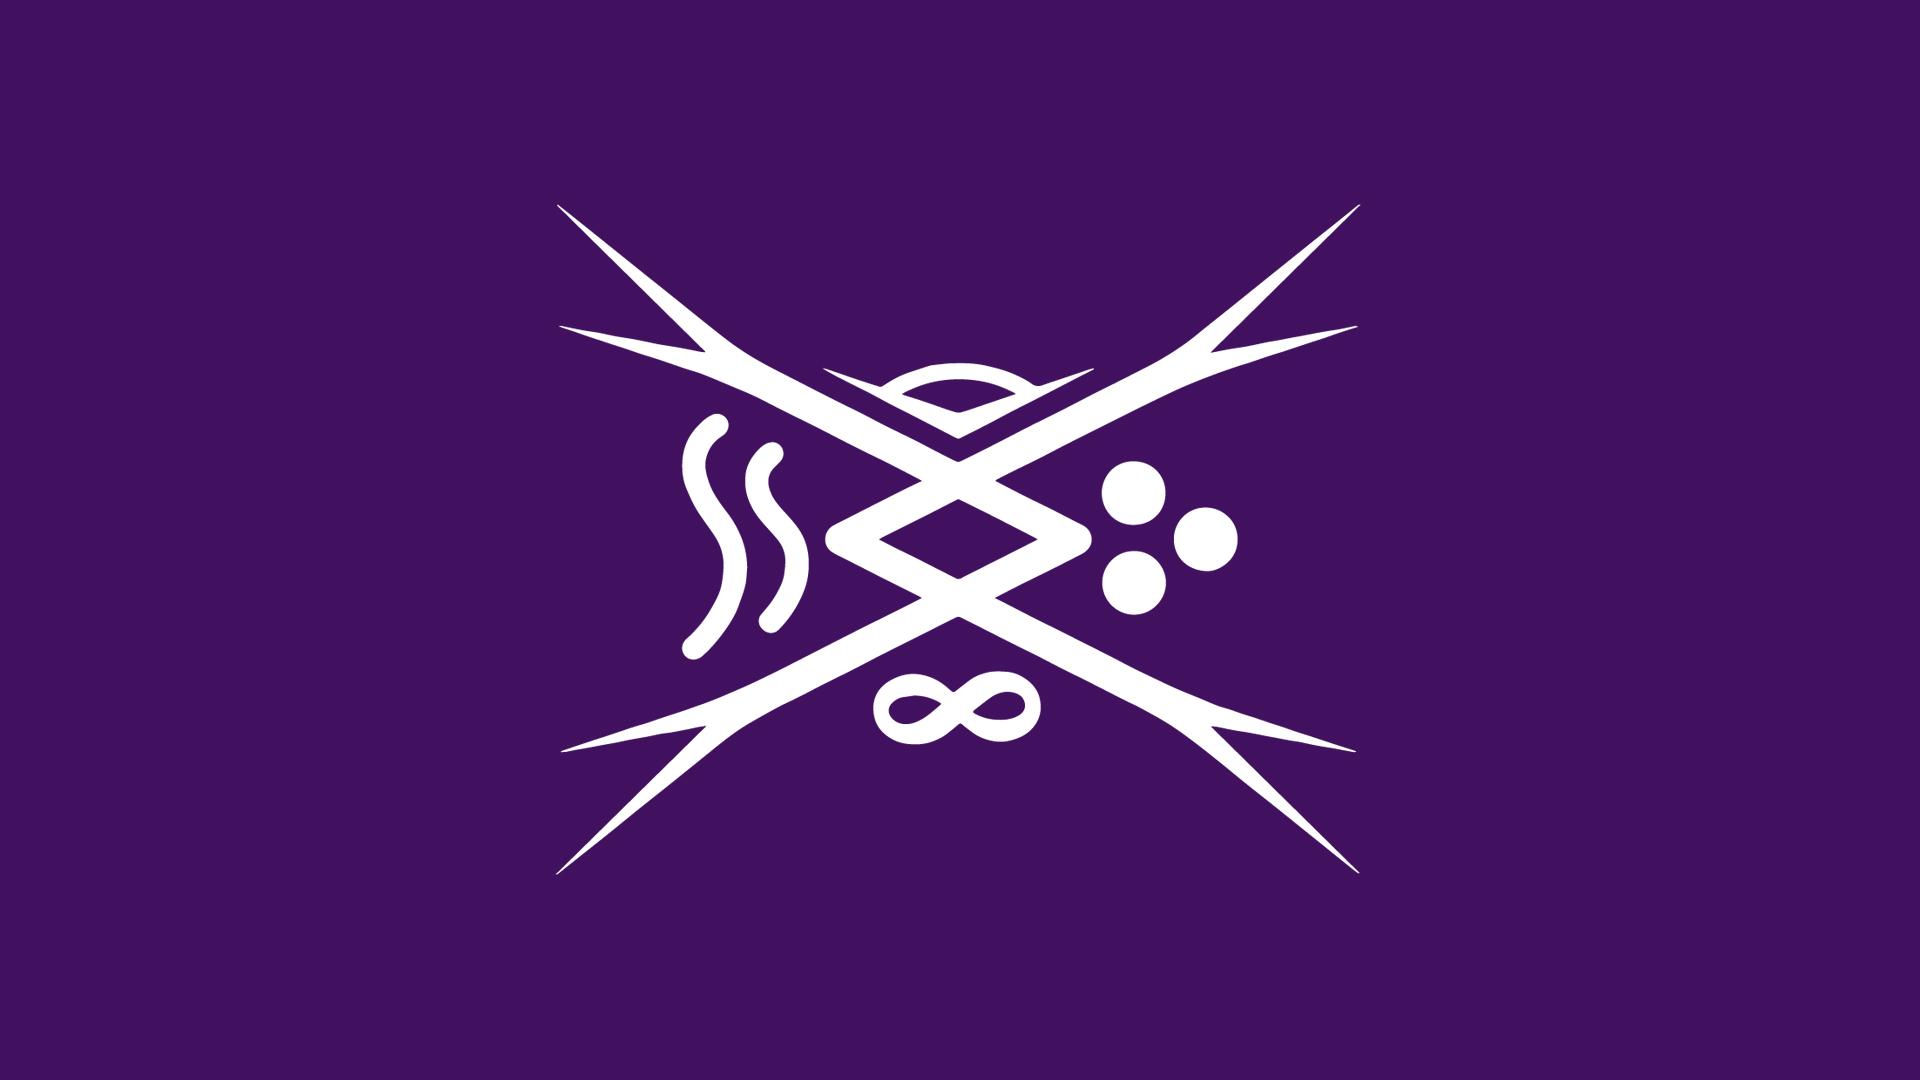 Voraevich logo